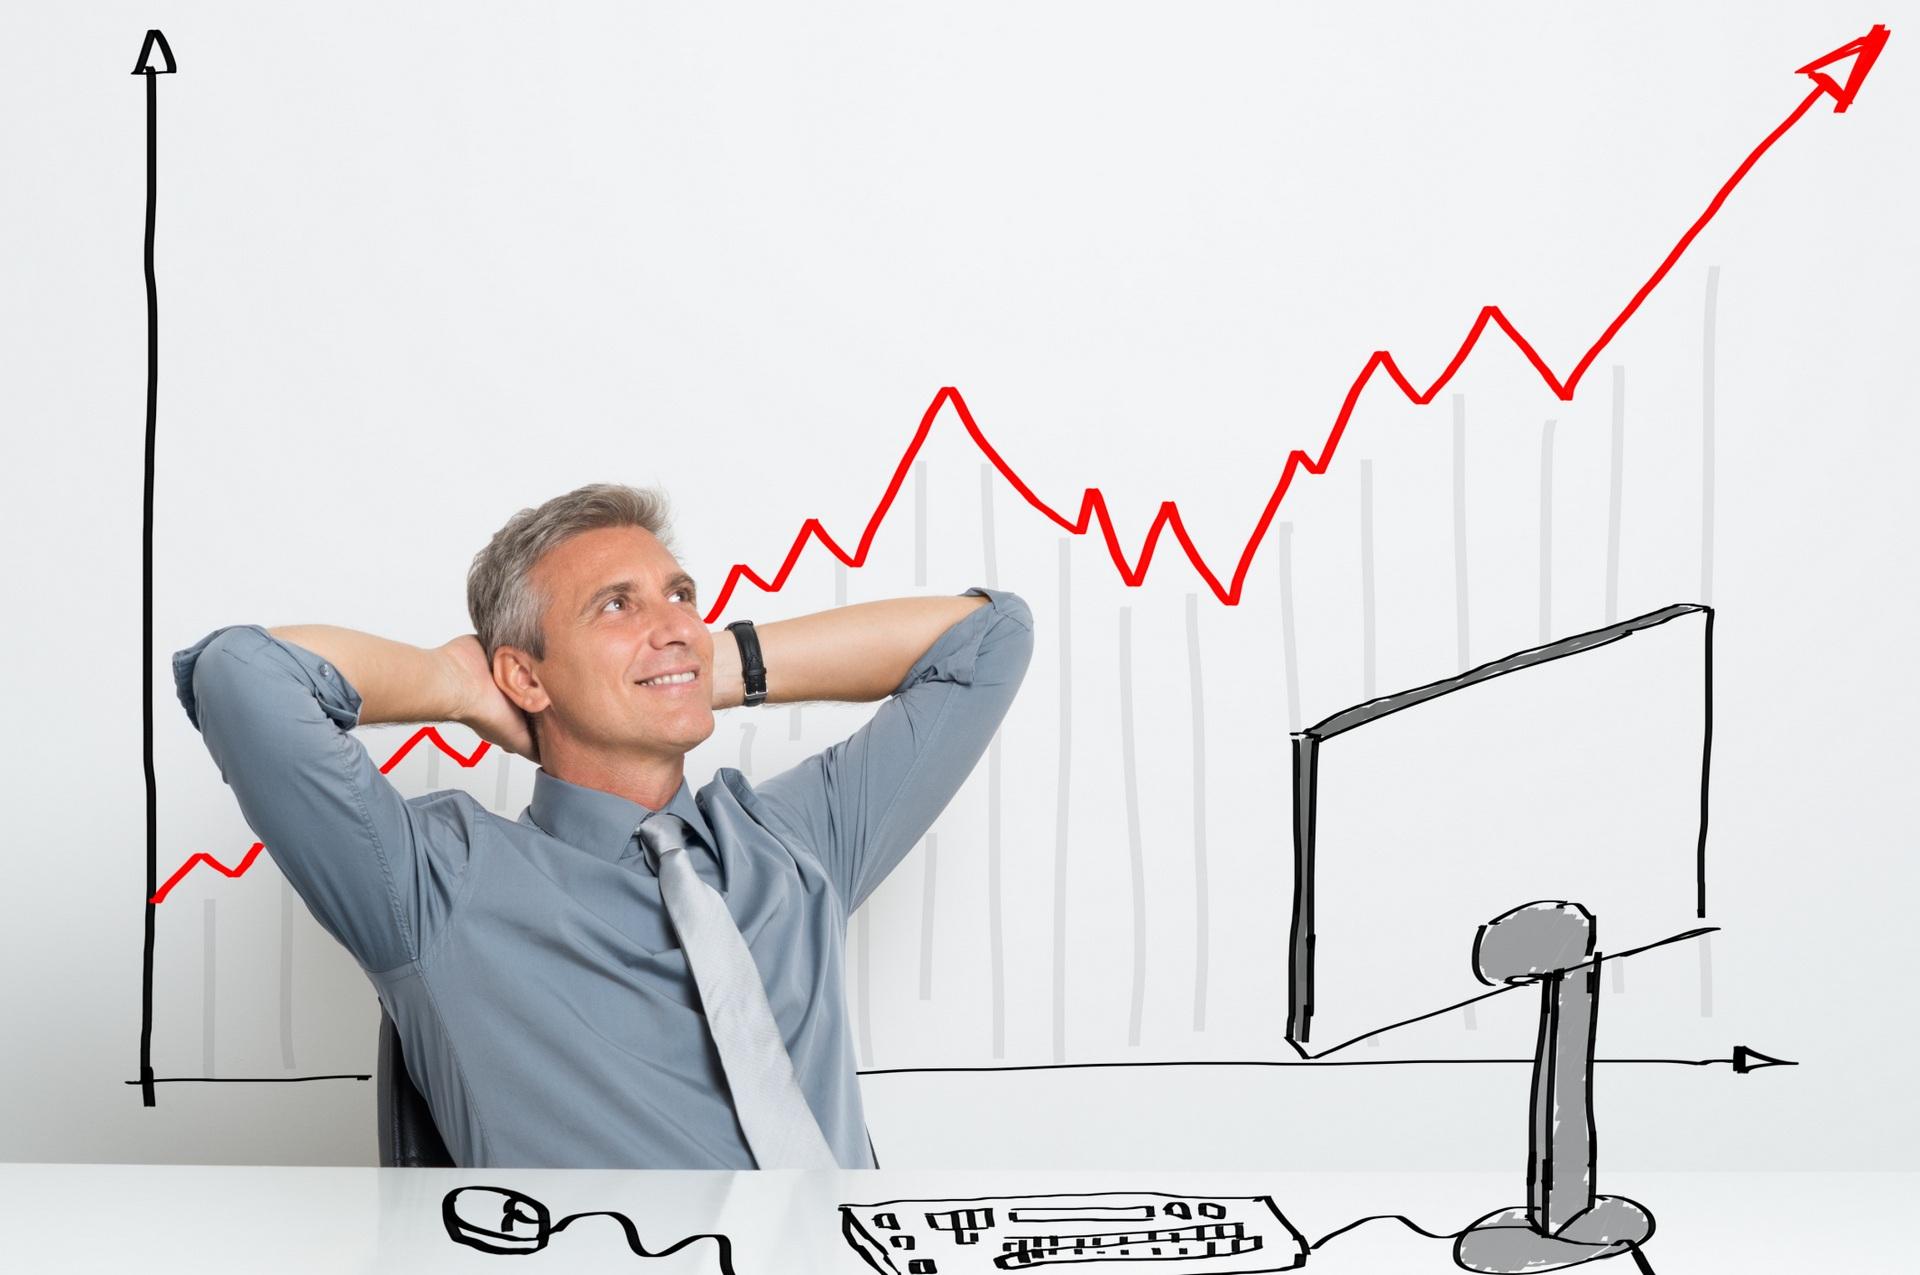 Минимализм в работе и бизнесе